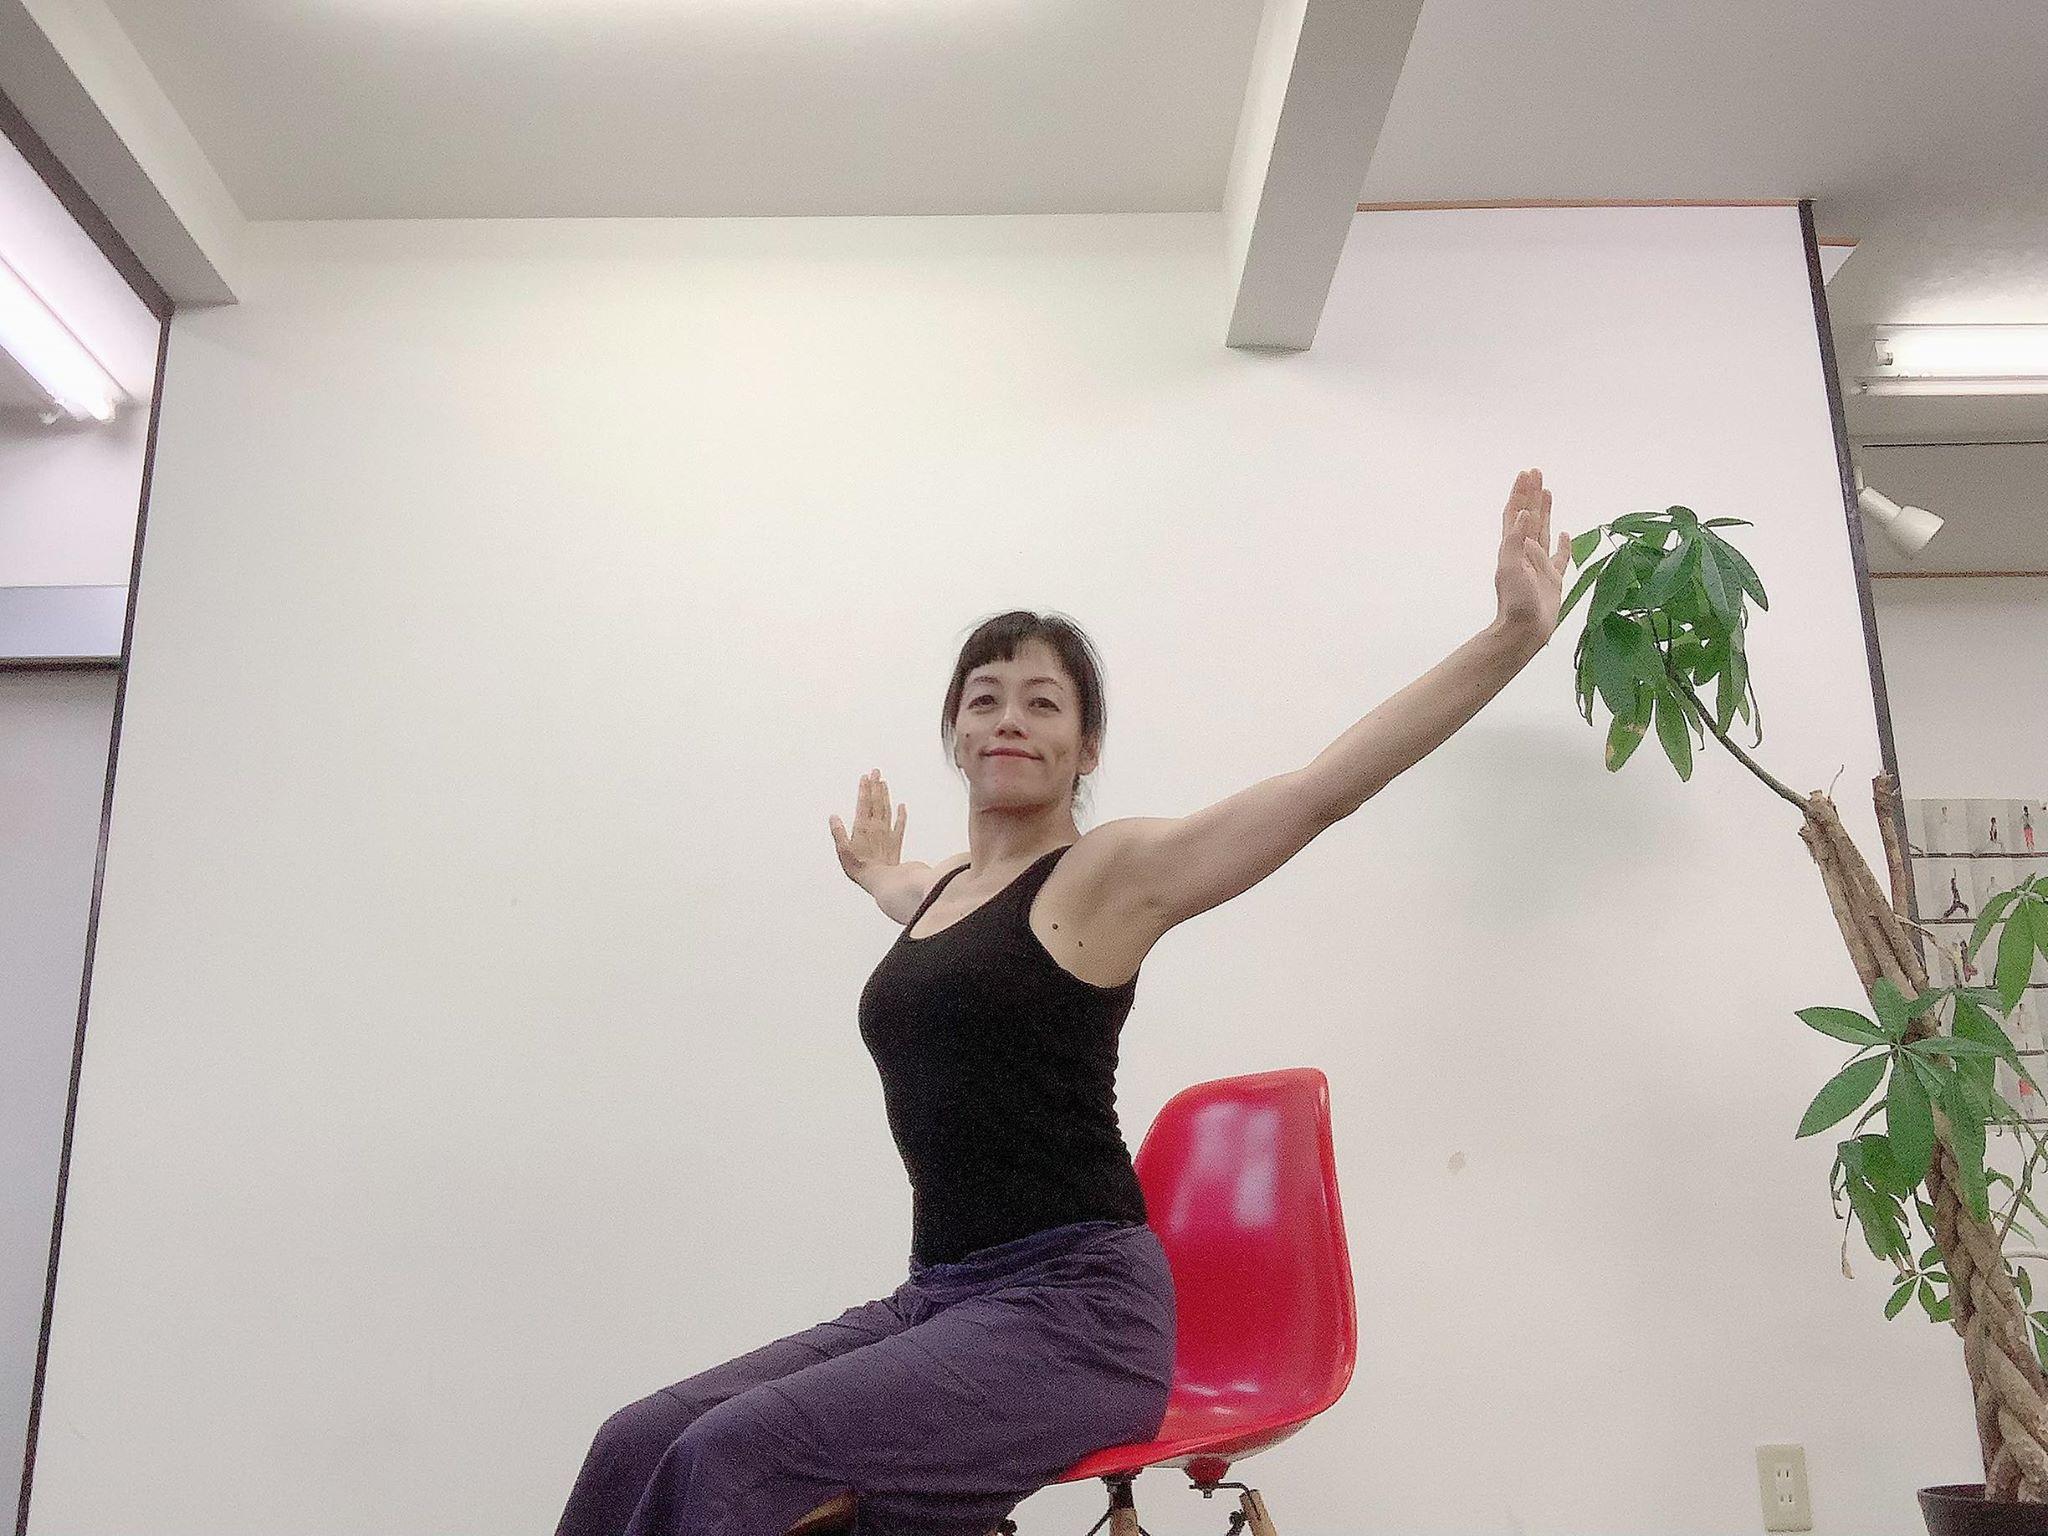 [銀座] 【あなたは風? 火? 水? どの体質? アーユルヴェーダ体質診断と椅子に座ったままできるプチヨガ】